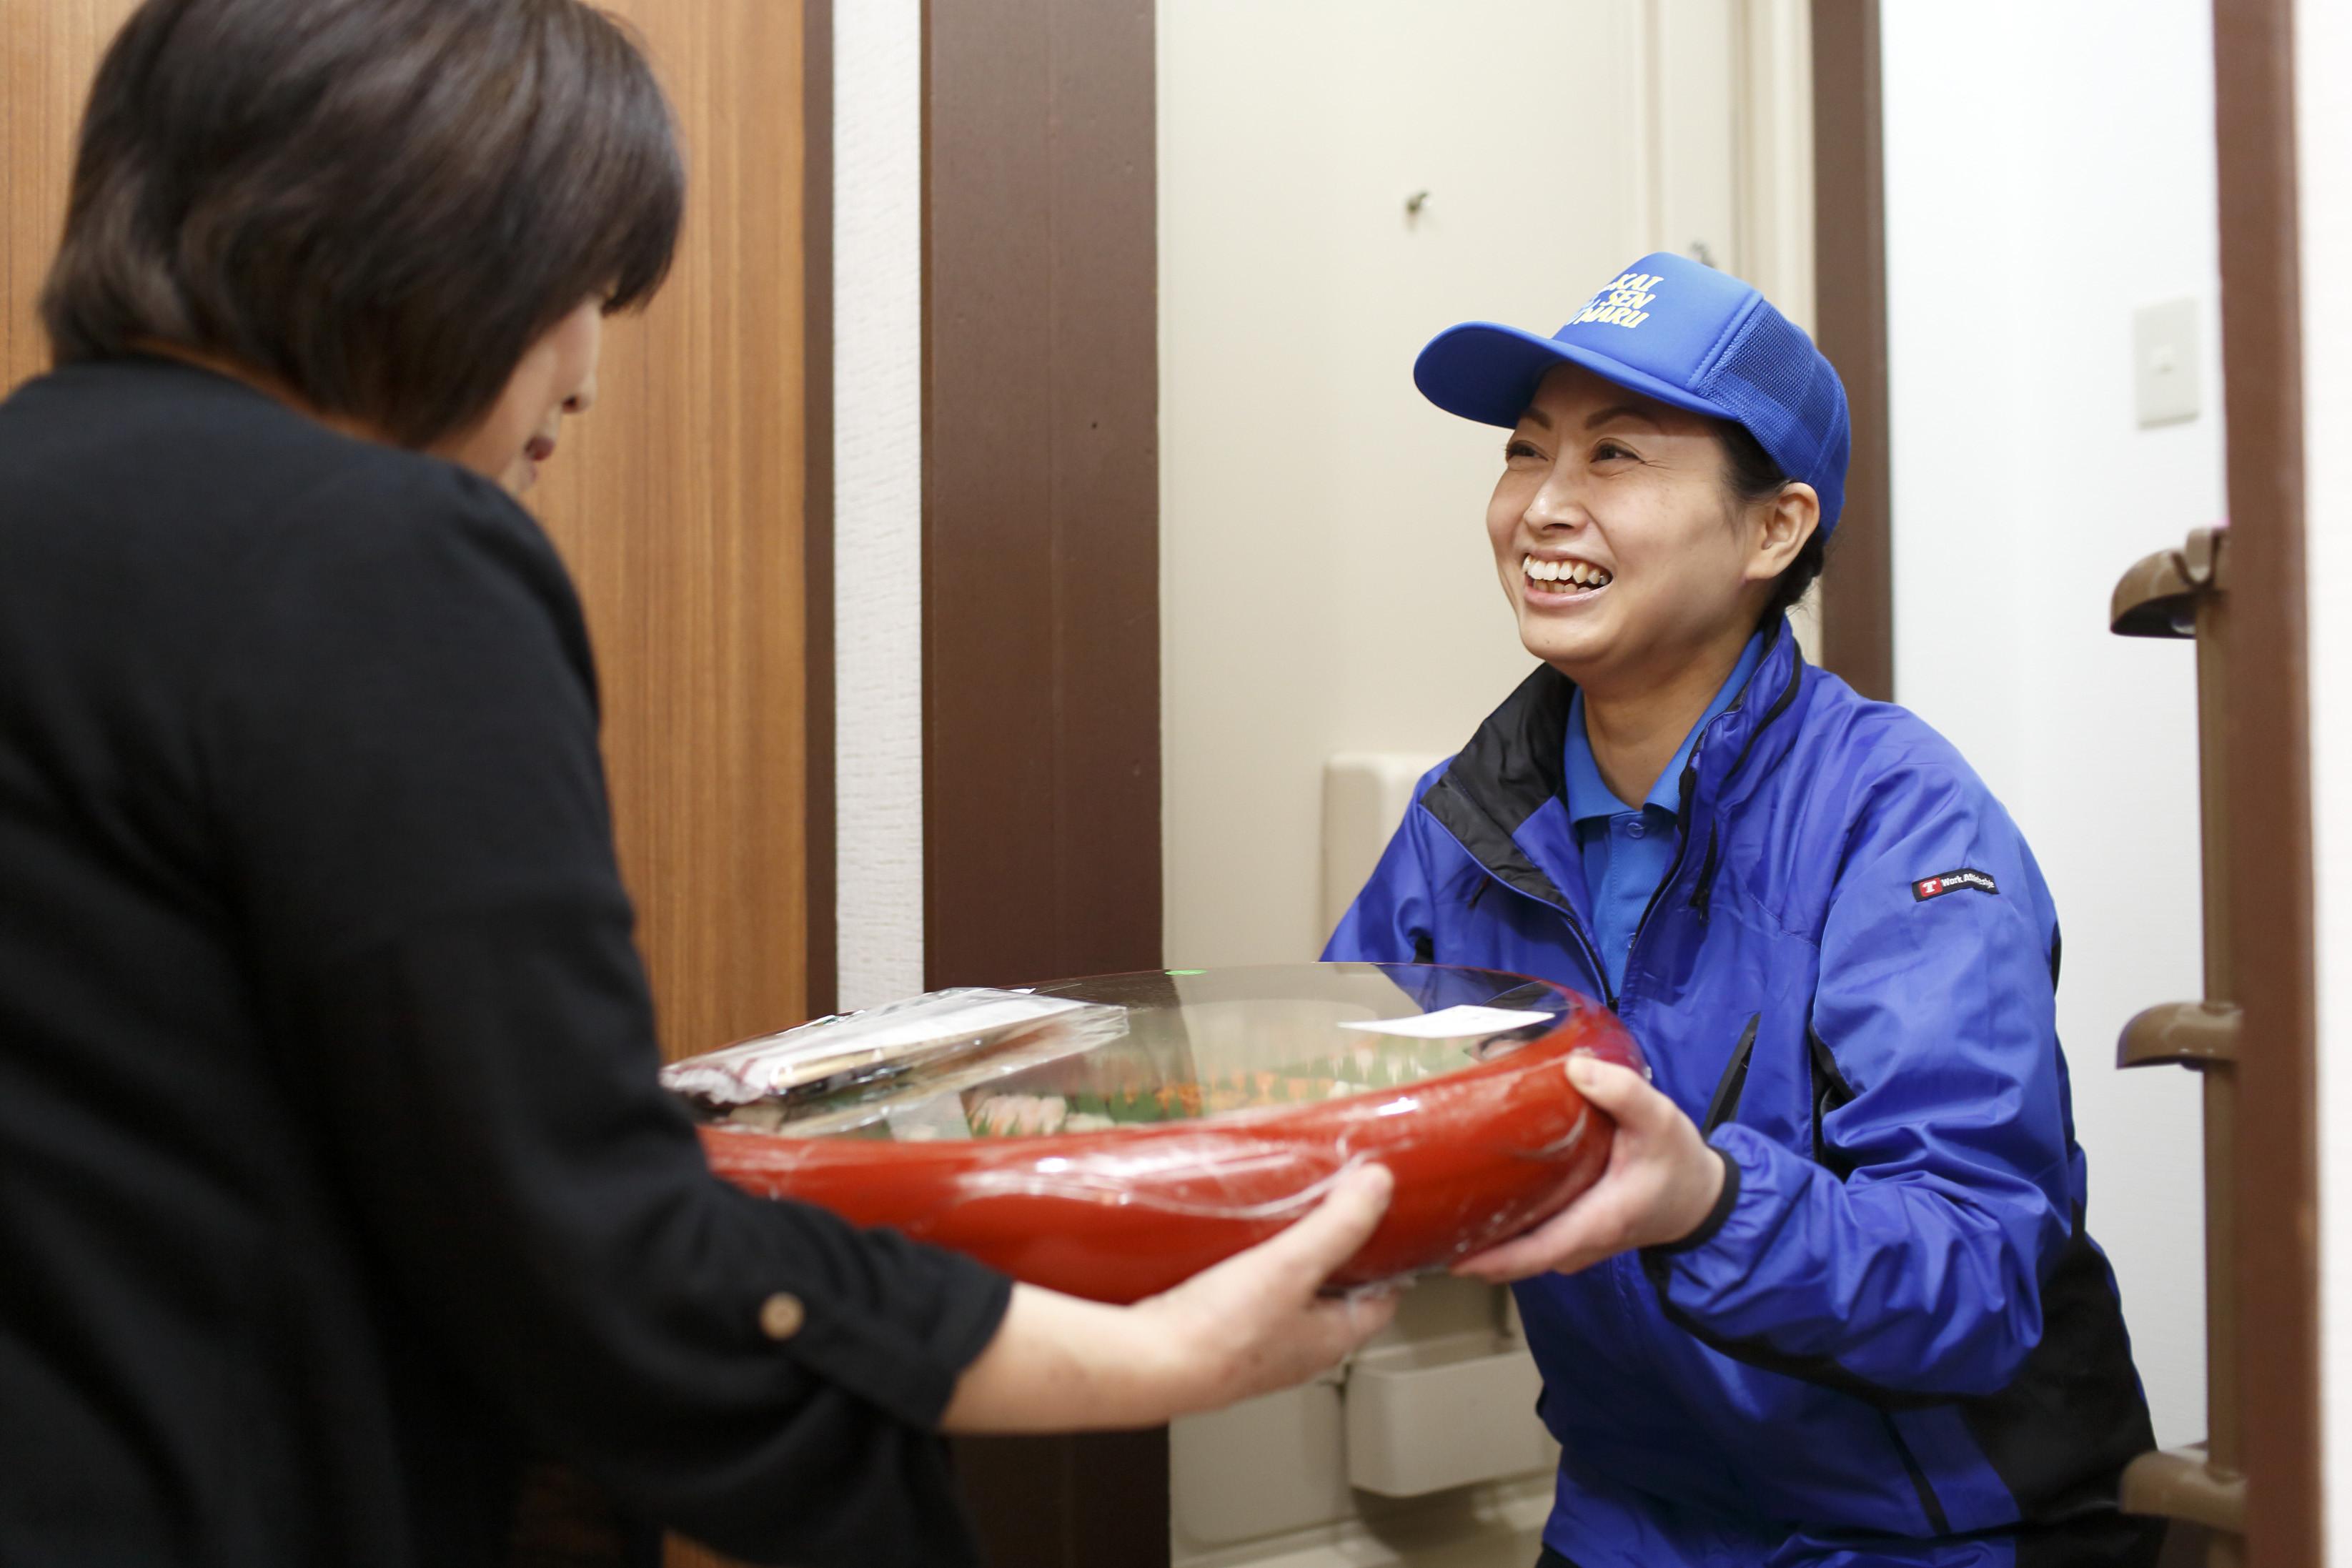 札幌海鮮丸 中山店 デリバリー(配達)スタッフのアルバイト情報